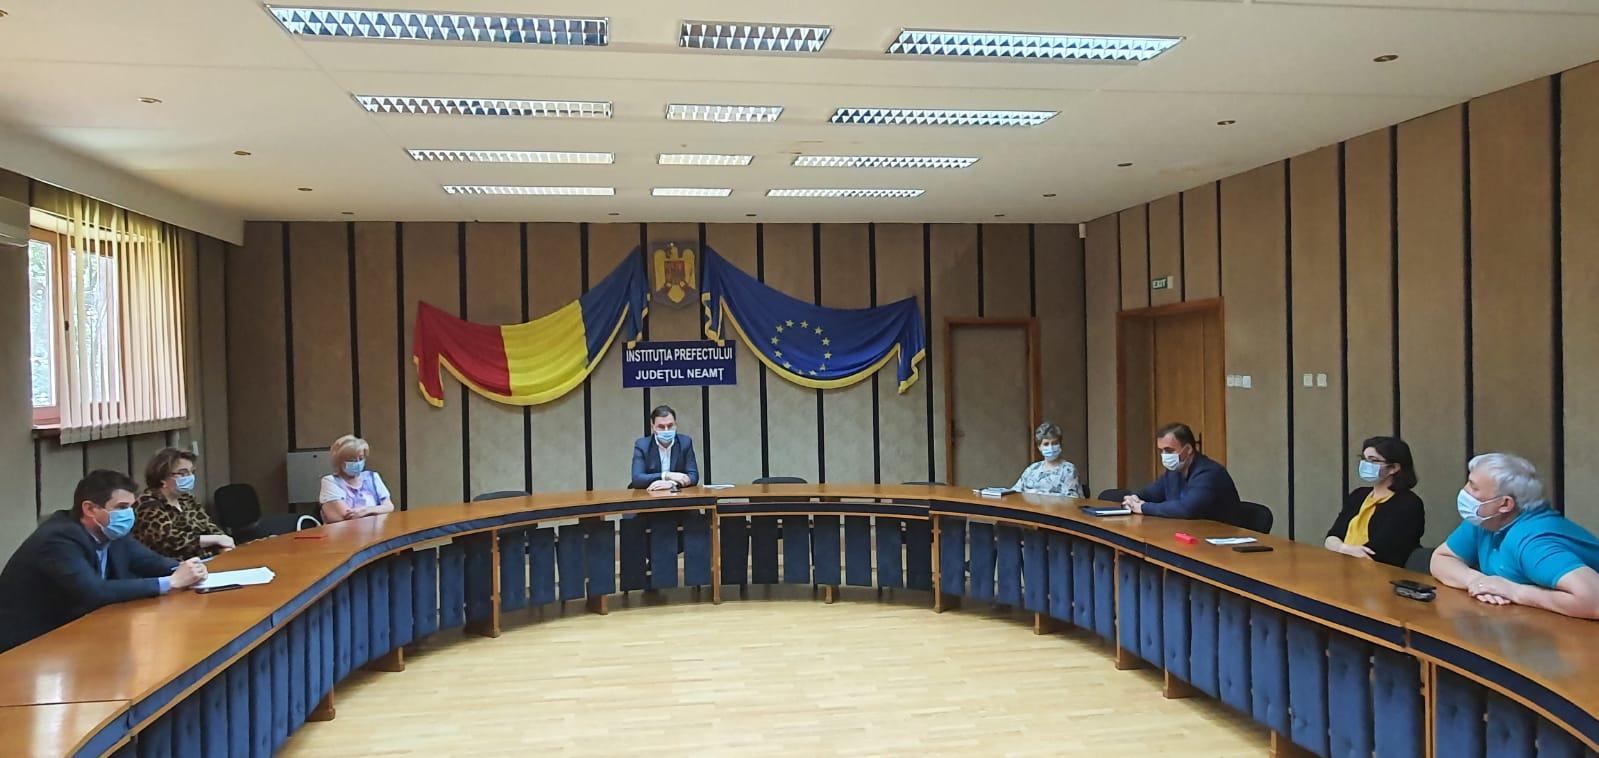 Soluții pentru redeschiderea Spitalului Județean de Urgență Piatra Neamț